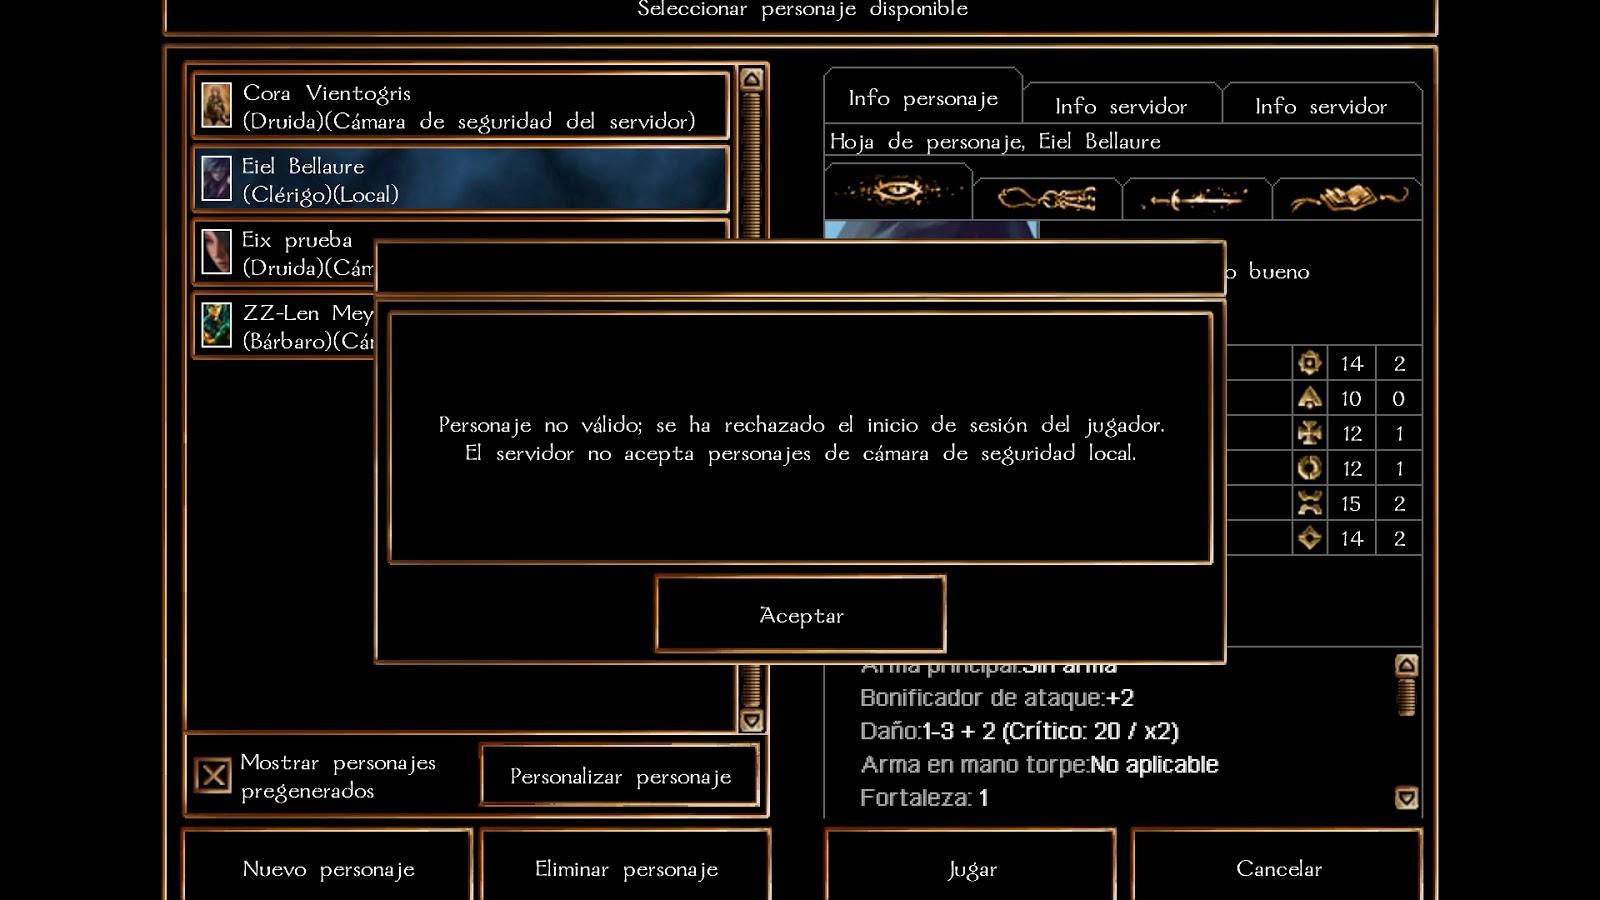 SOLUCIONADO - Error en la creación de personaje Error%2Bpersonaje